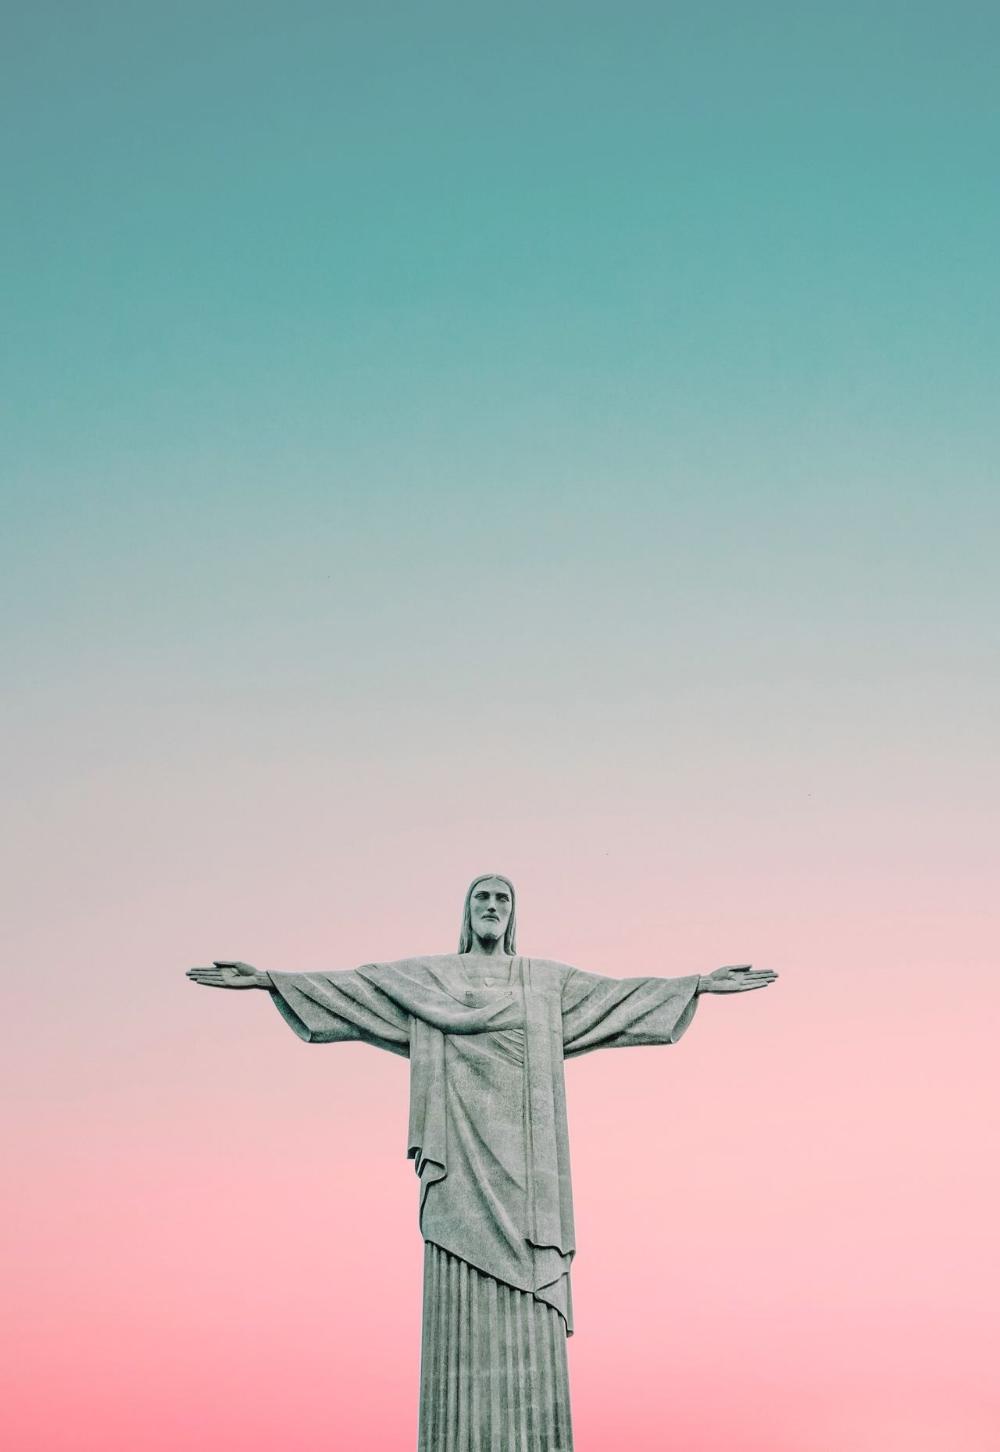 Corcovado Rio De Janeiro Brazil Photo By Shot By Cerqueira On Unsplash Rio De Janeiro Wallpaper Rio De Janeiro Cidade Rio De Janeiro